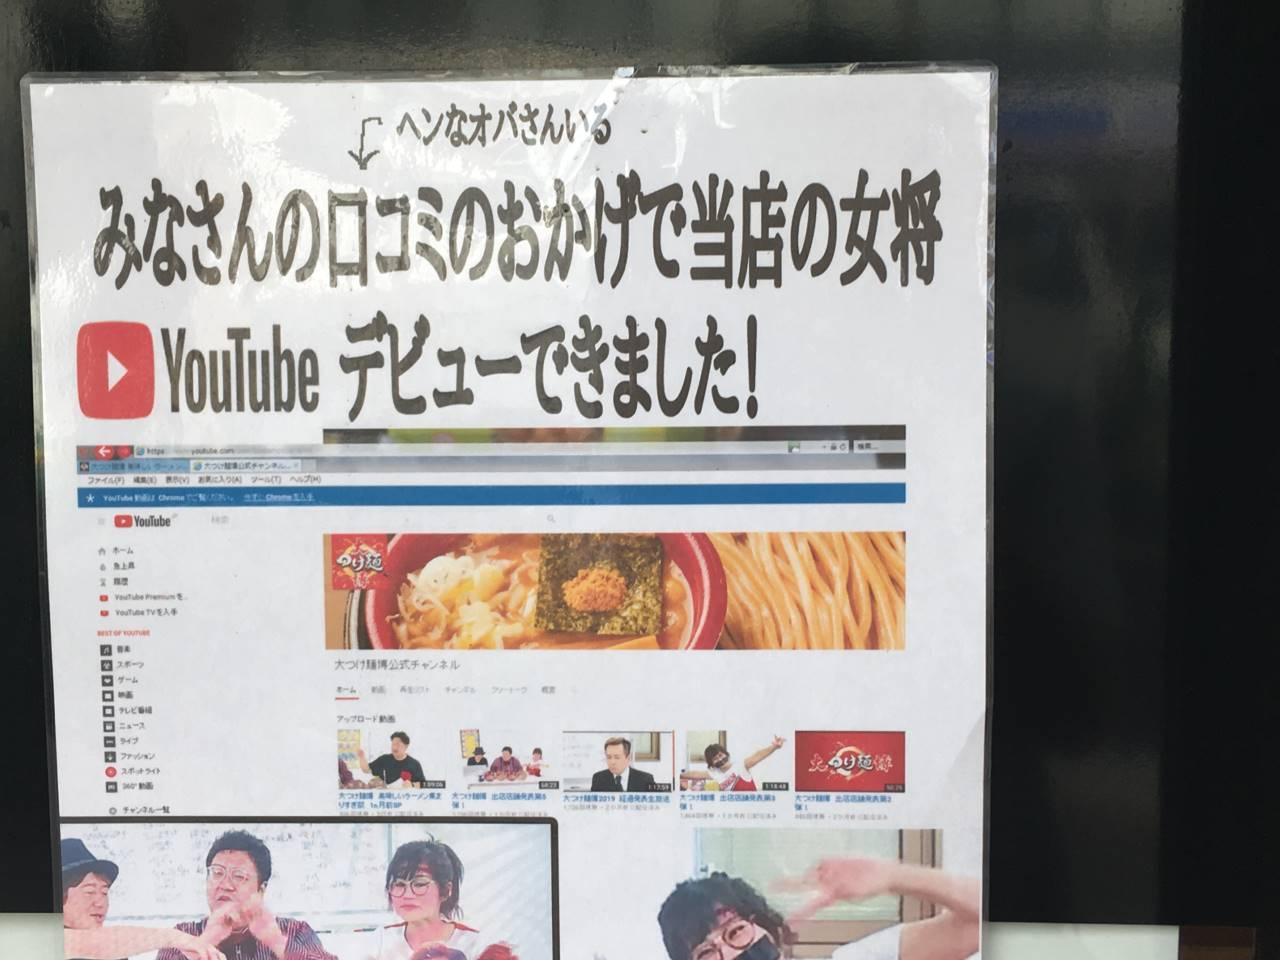 ぶたーんチャンネルの動画についての張り紙